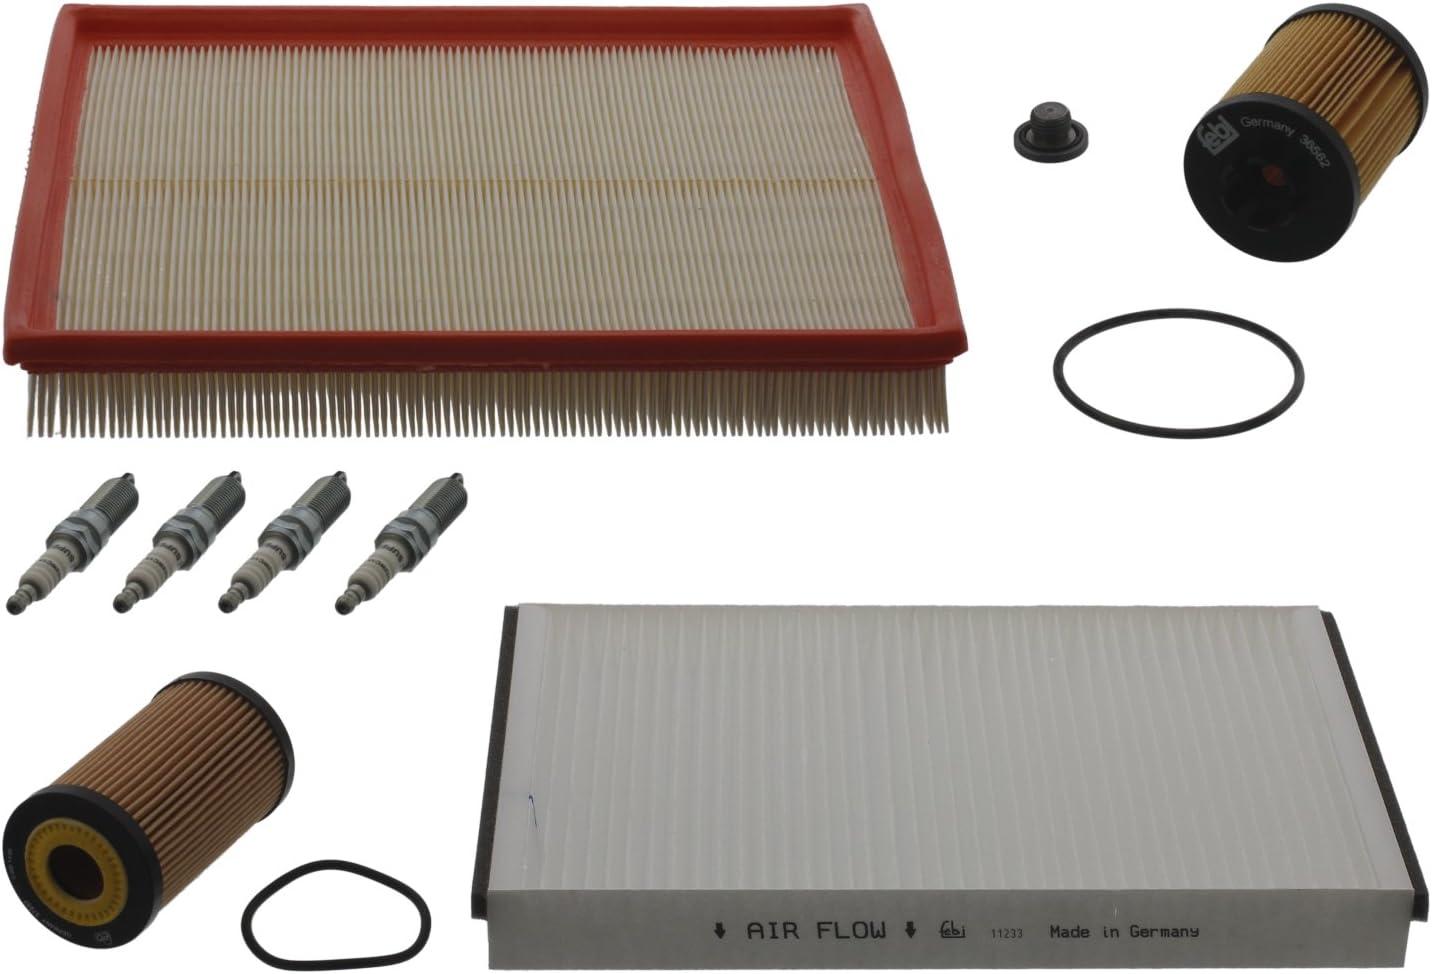 Febi-Bilstein 38224 Kit de piezas, revisión: Amazon.es: Coche y moto